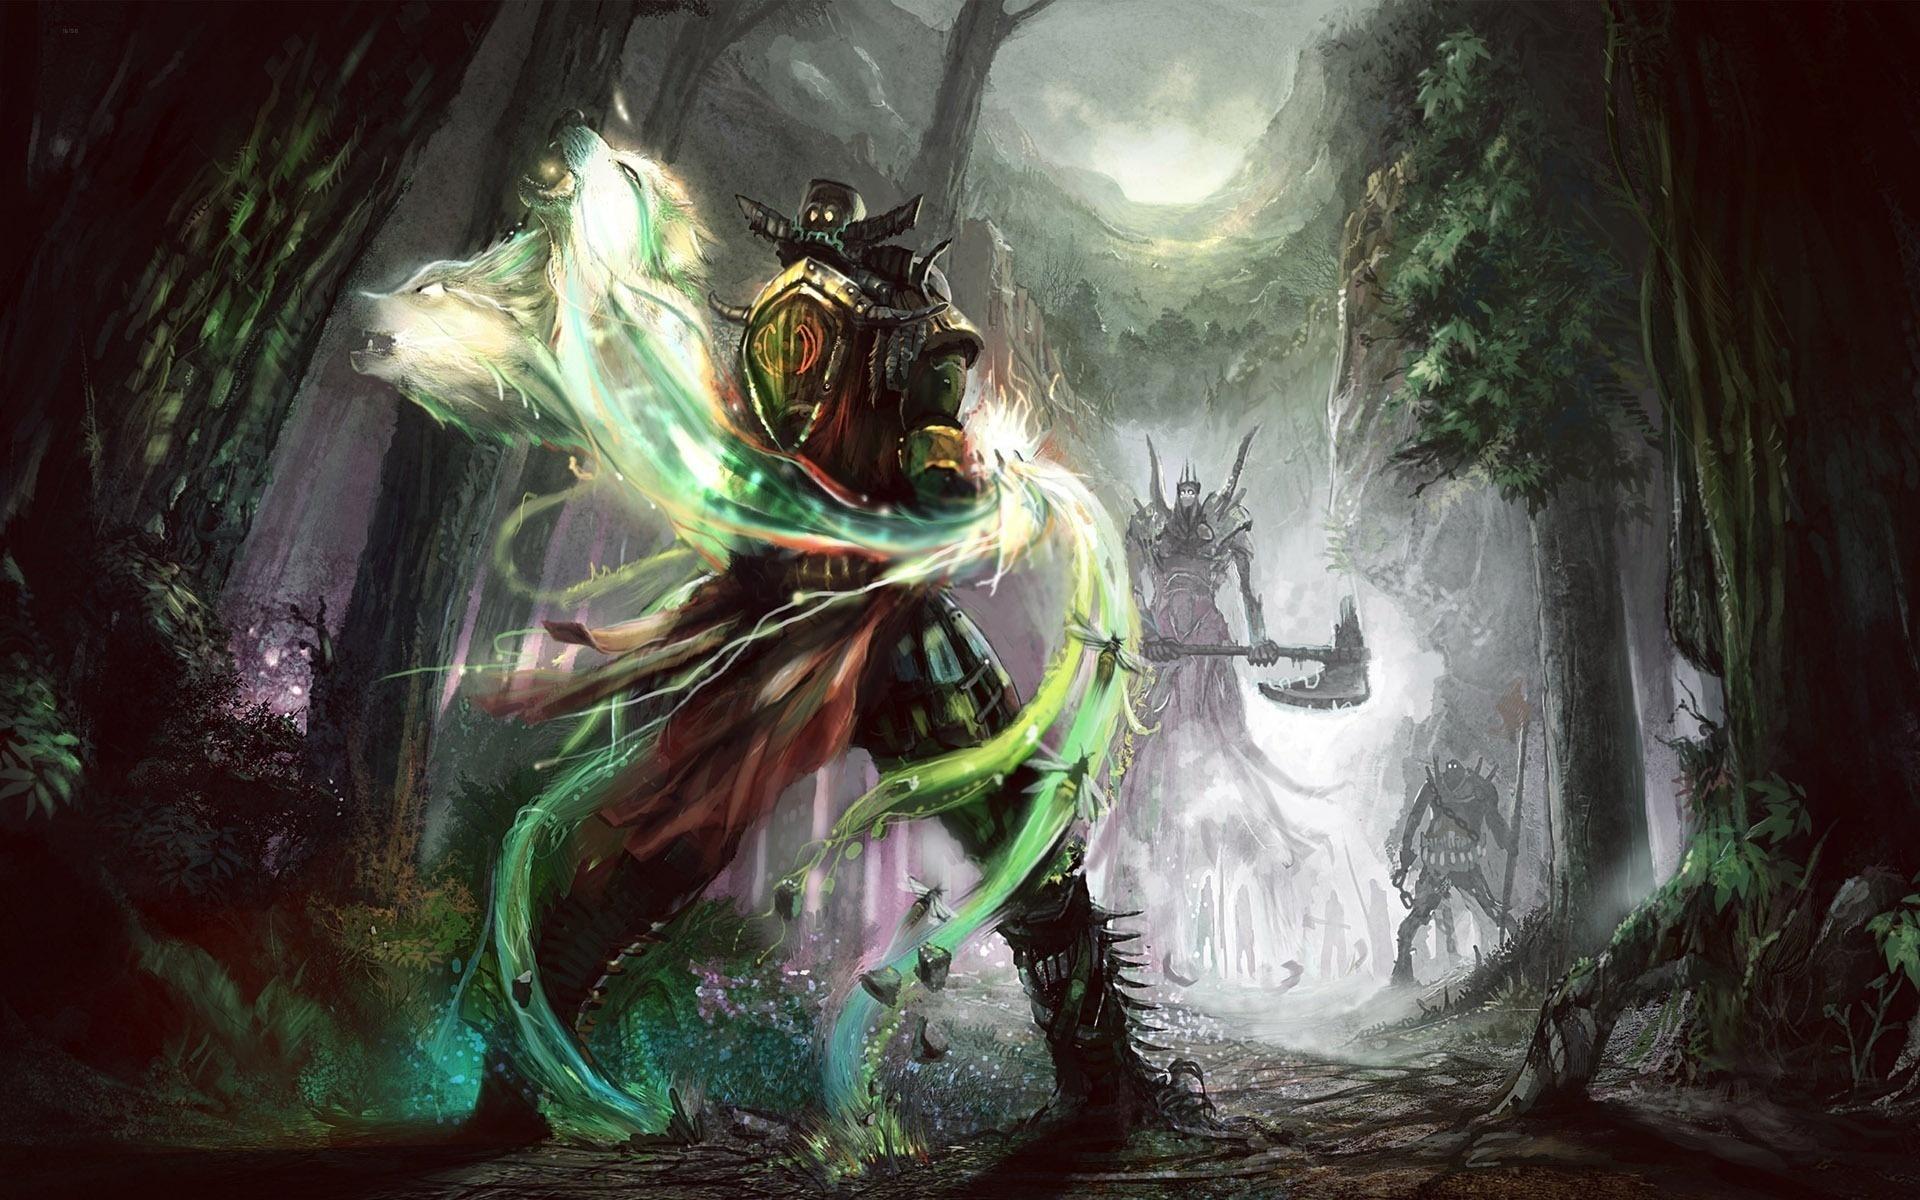 Fantasy - Battle  Warrior Knight Fantasy Wallpaper